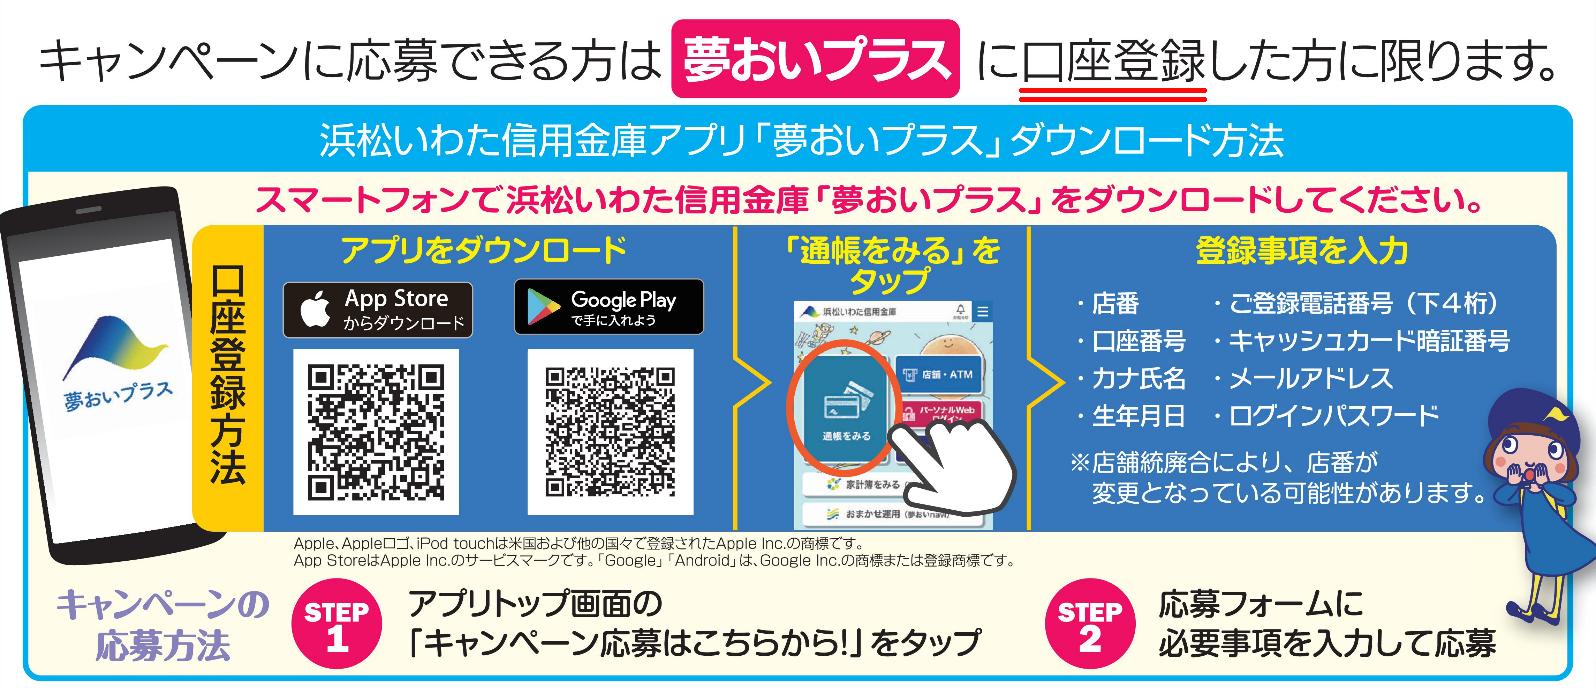 https://hamamatsu-iwata.jp/topics/png/%E5%A4%A2%E3%81%8A%E3%81%84%E3%83%97%E3%83%A9%E3%82%B9.png